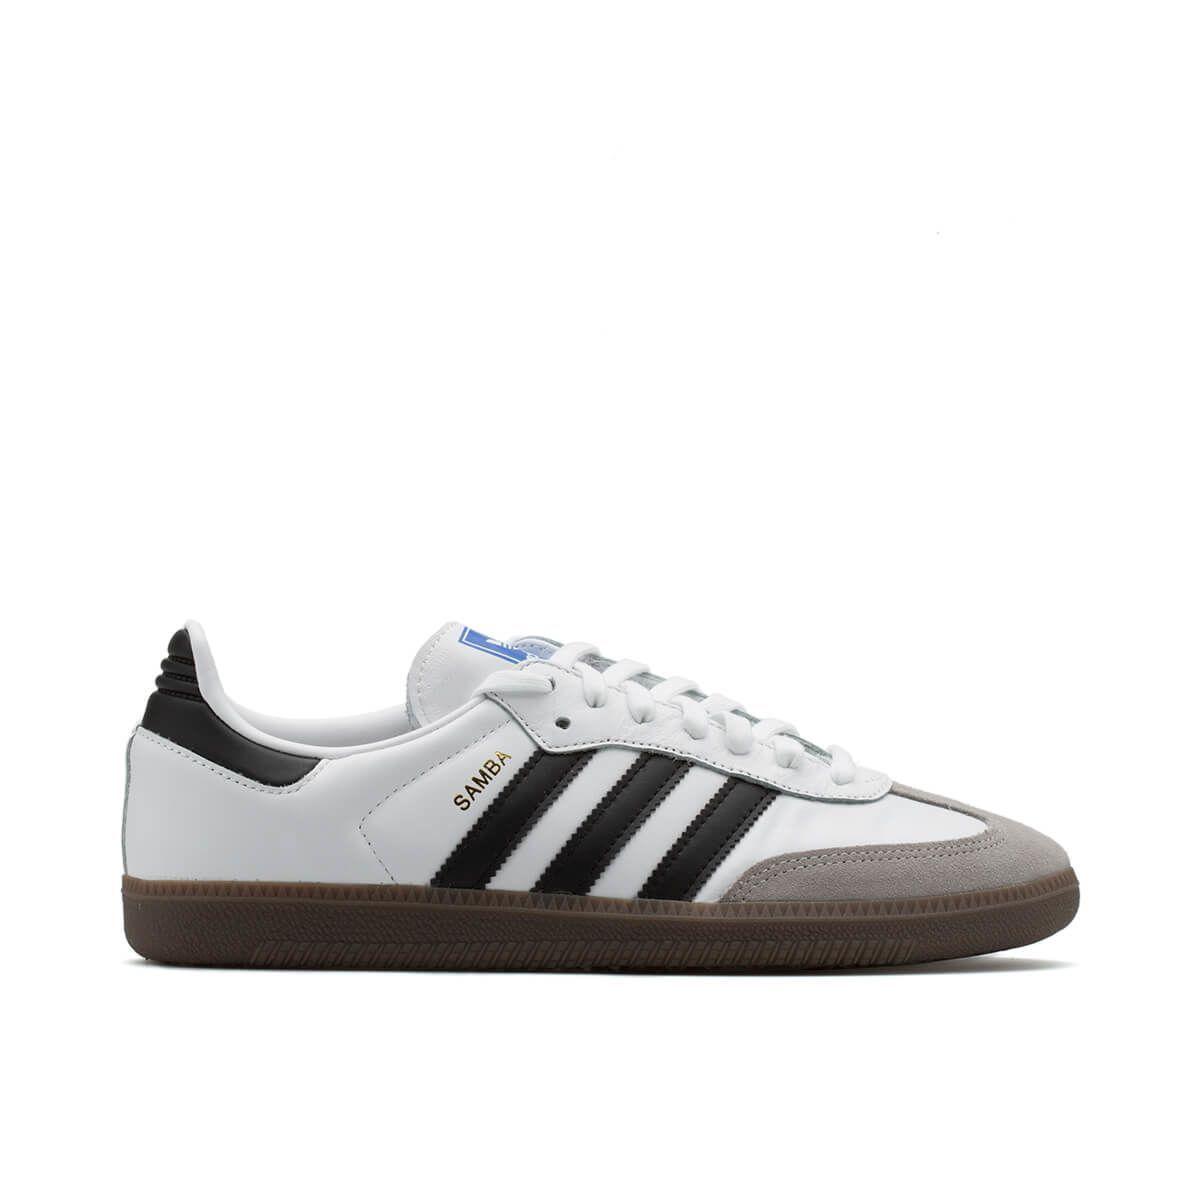 Originals Samba Og Casual Sneakers